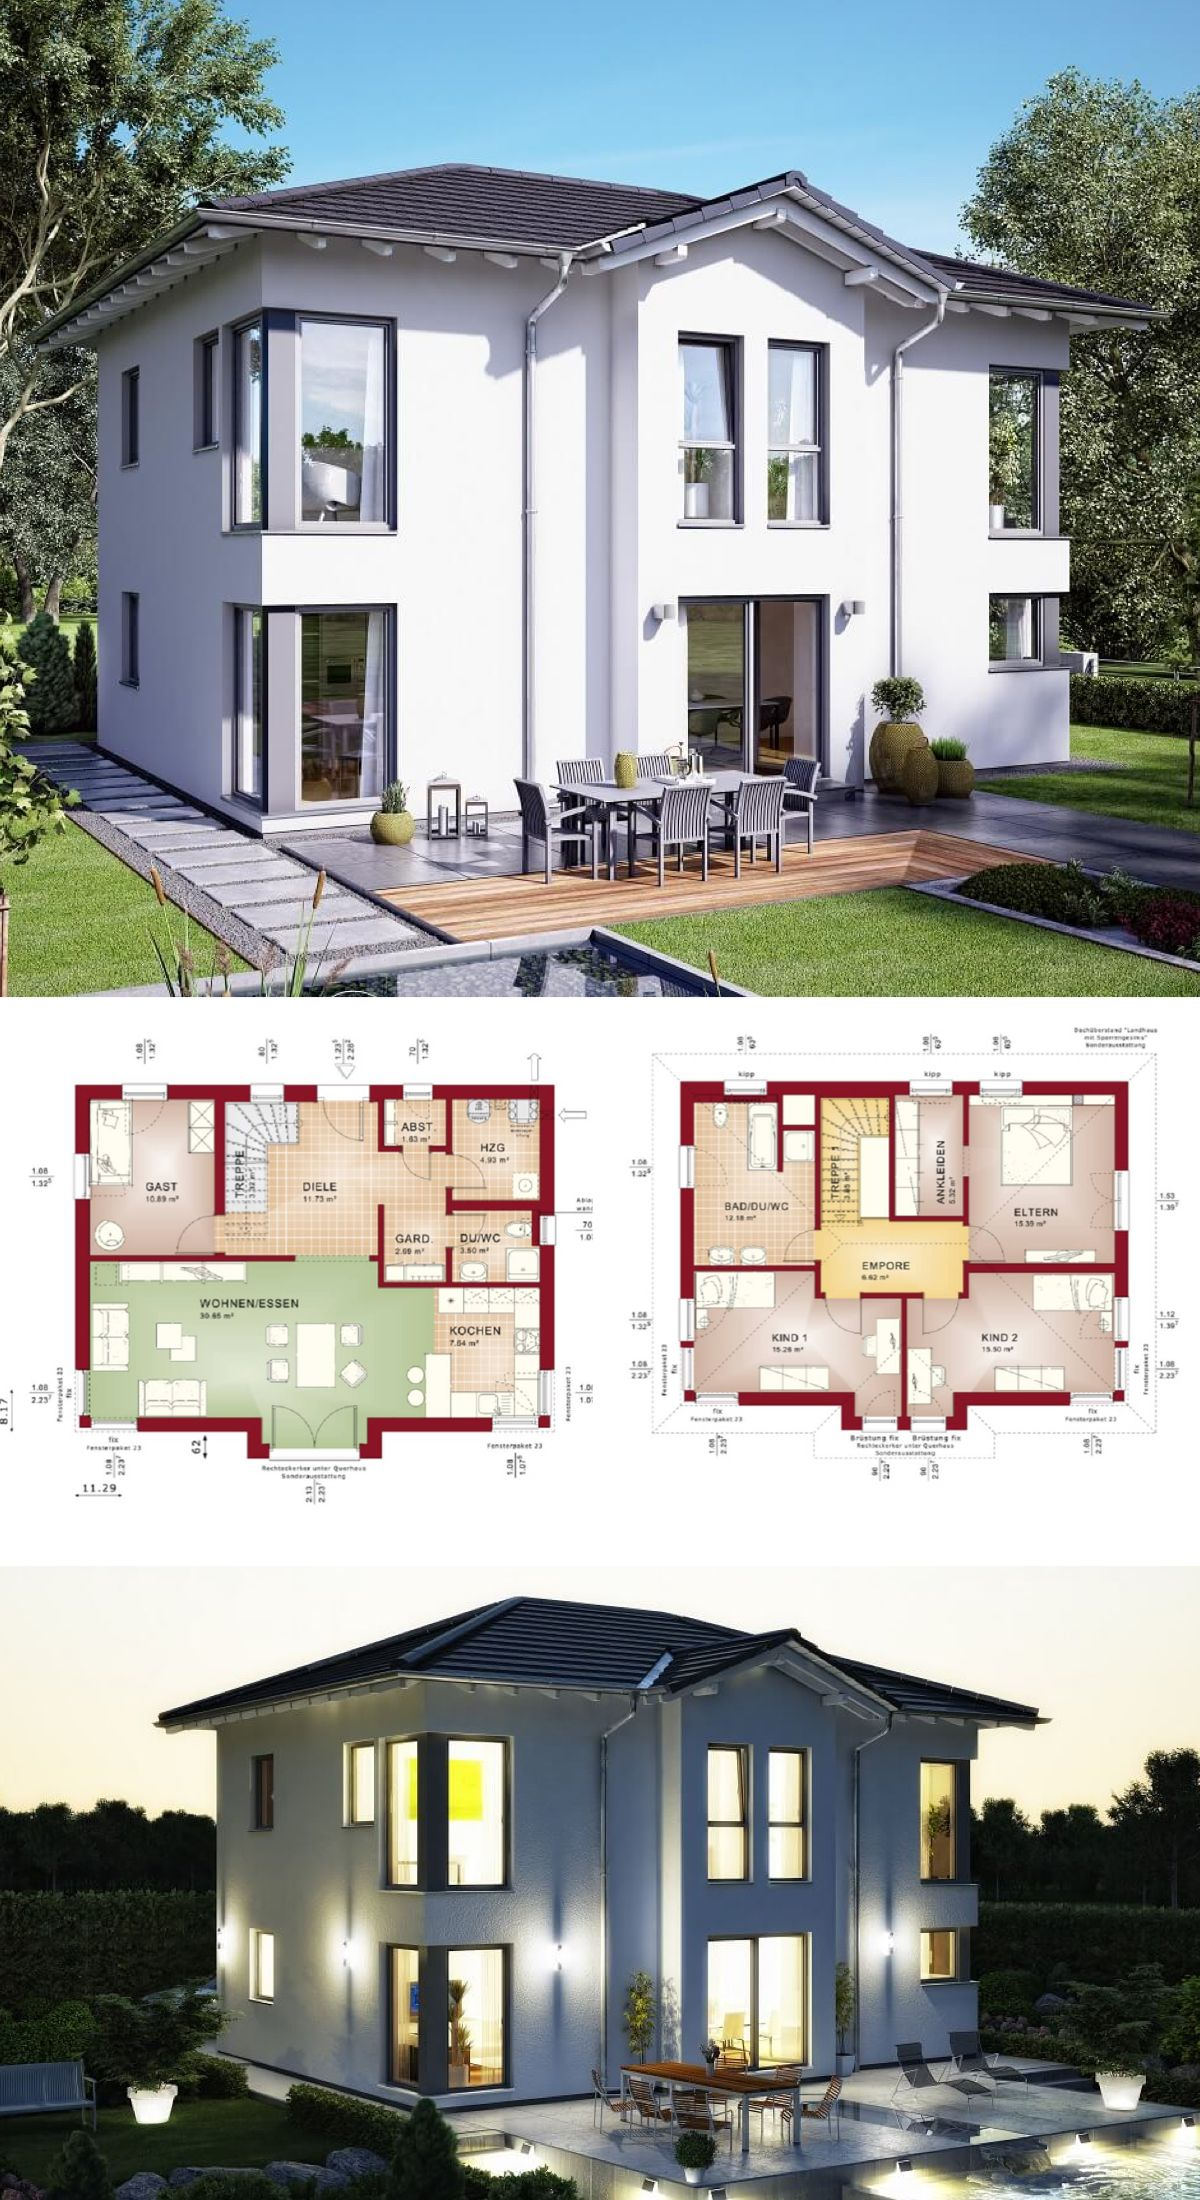 Stadtvilla modern haus evolution 148 v3 bien zenker for Stadtvilla modern